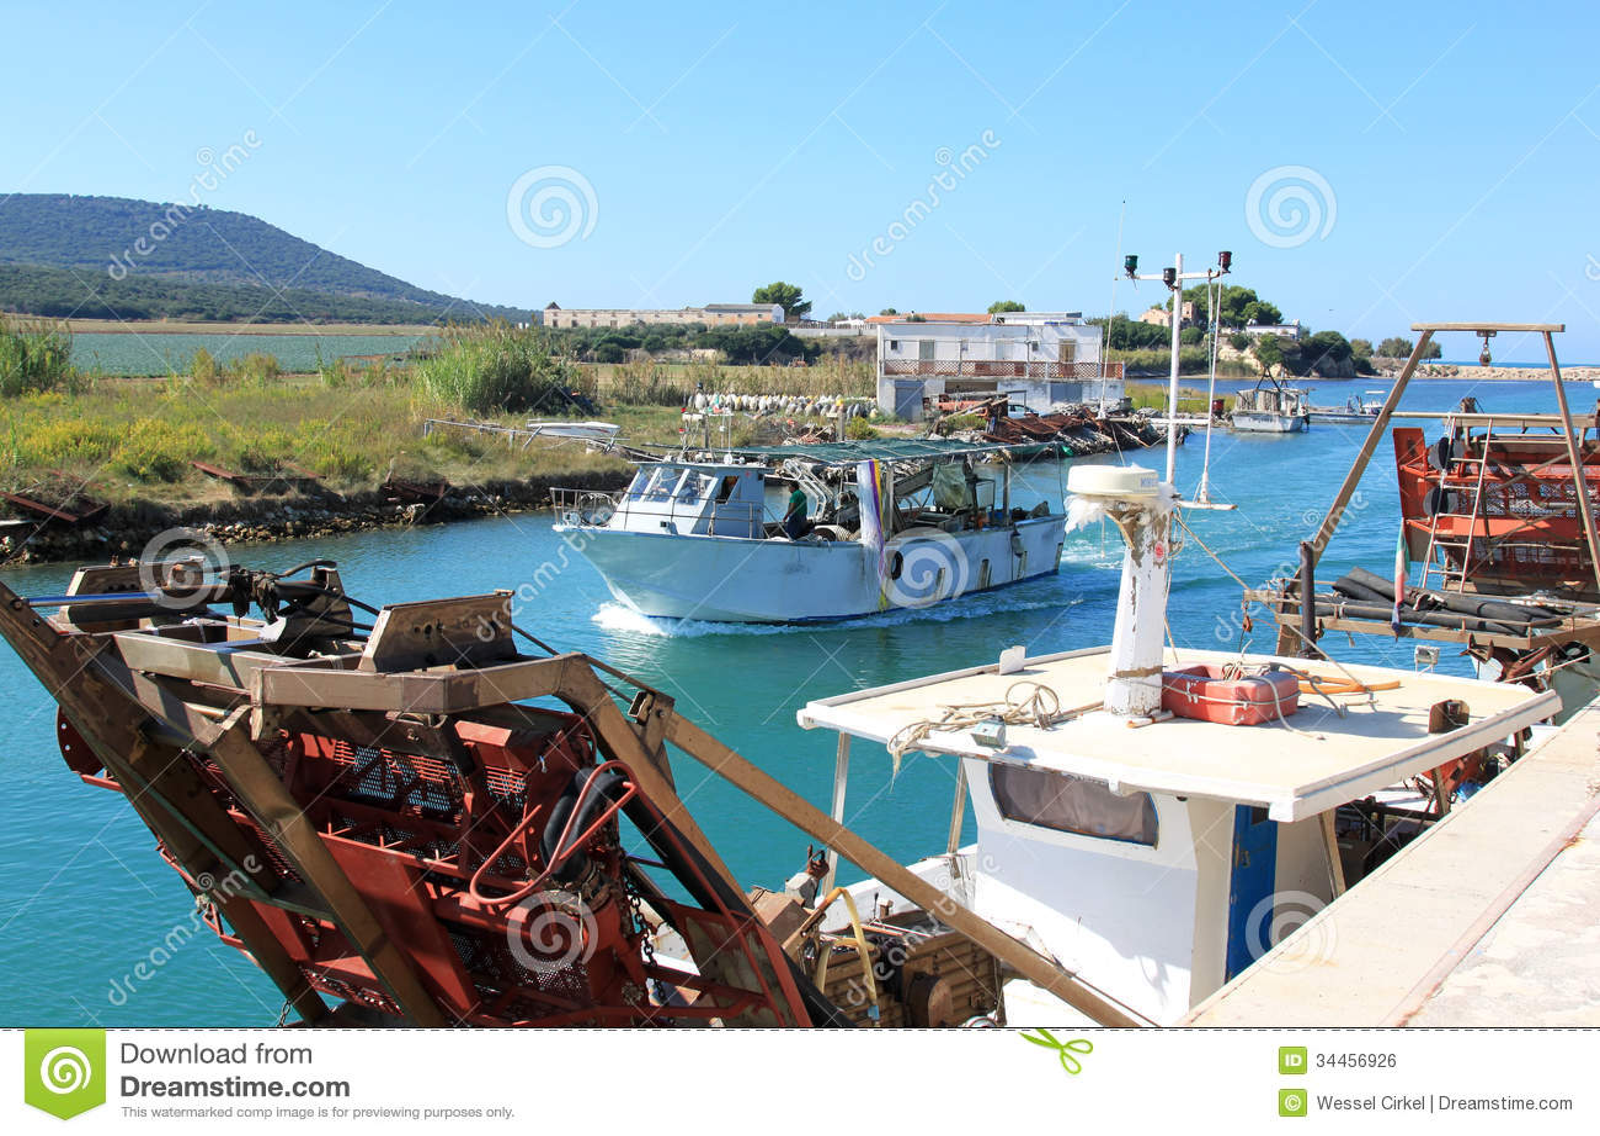 bateaux de pêche de moule, capoiale, italie photo éditorial - image